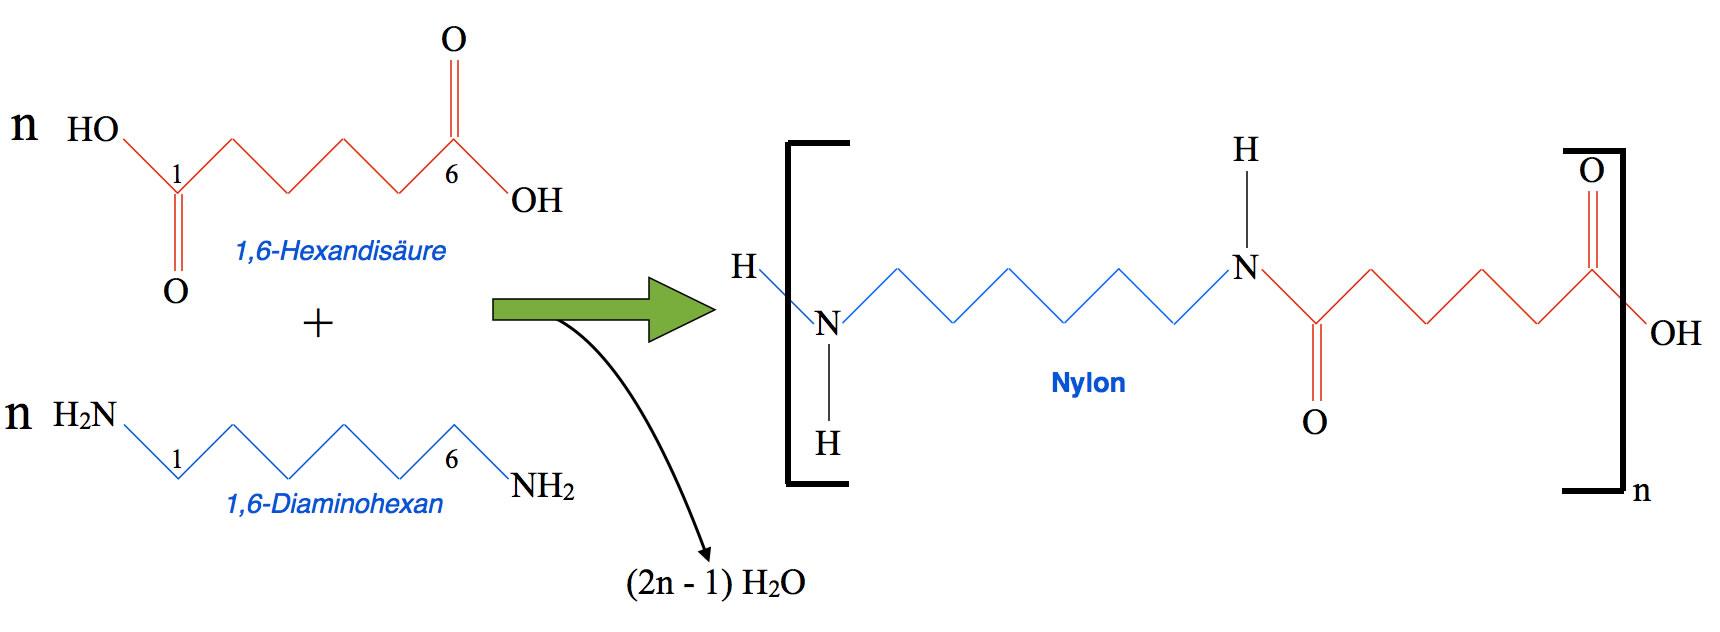 Kommerzielles Nylon wird hergestellt